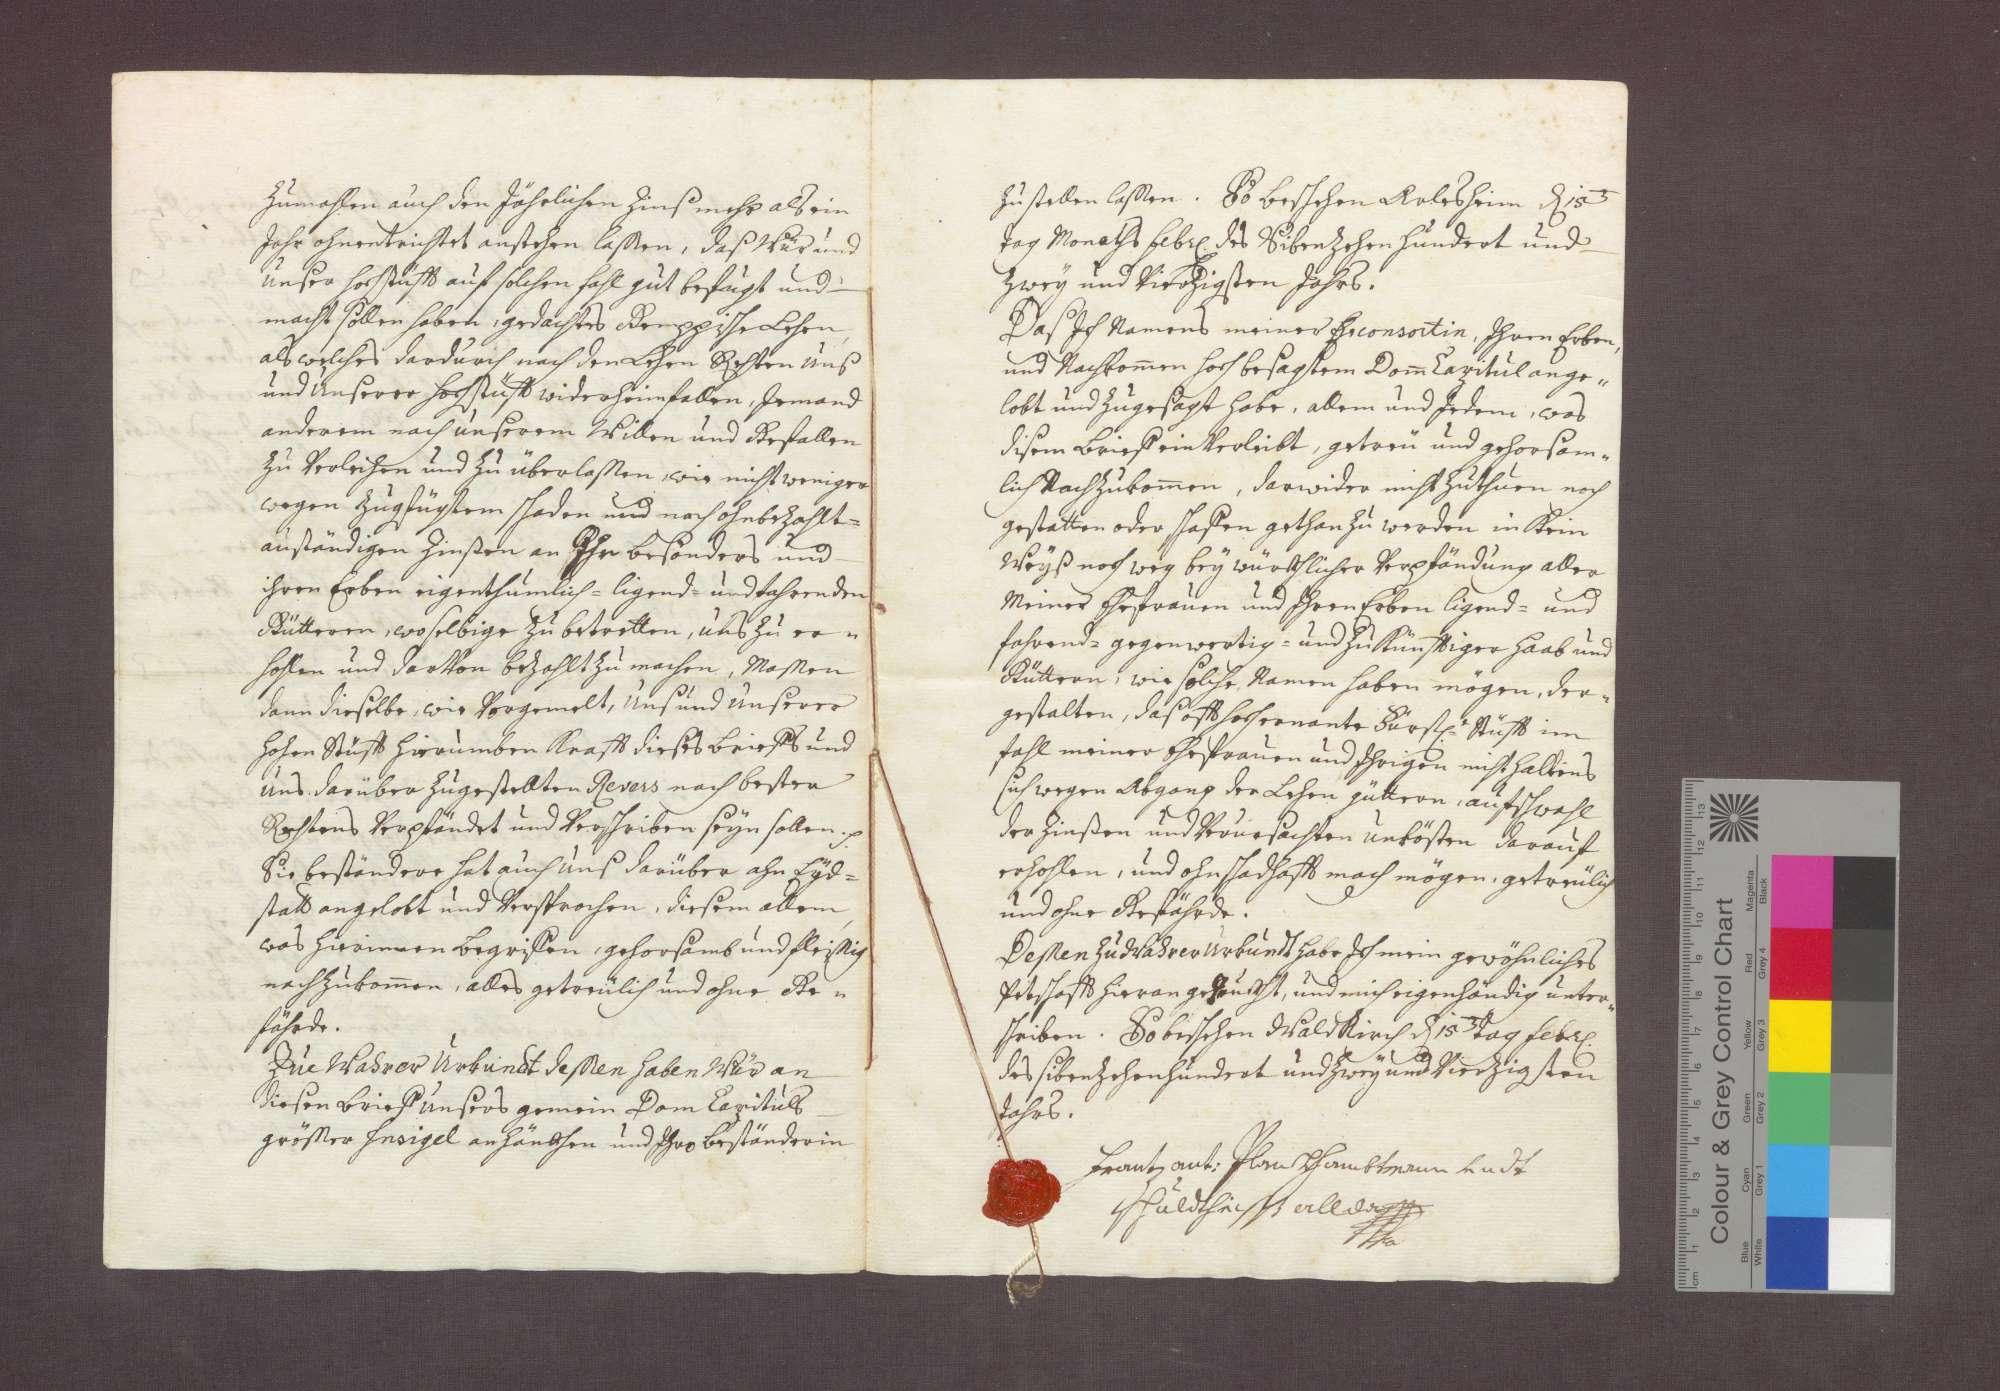 Lehnrevers des Franz Anton Blanck gegenüber dem Basler Domkapitel über ein Gut zu Steinenstadt., Bild 3